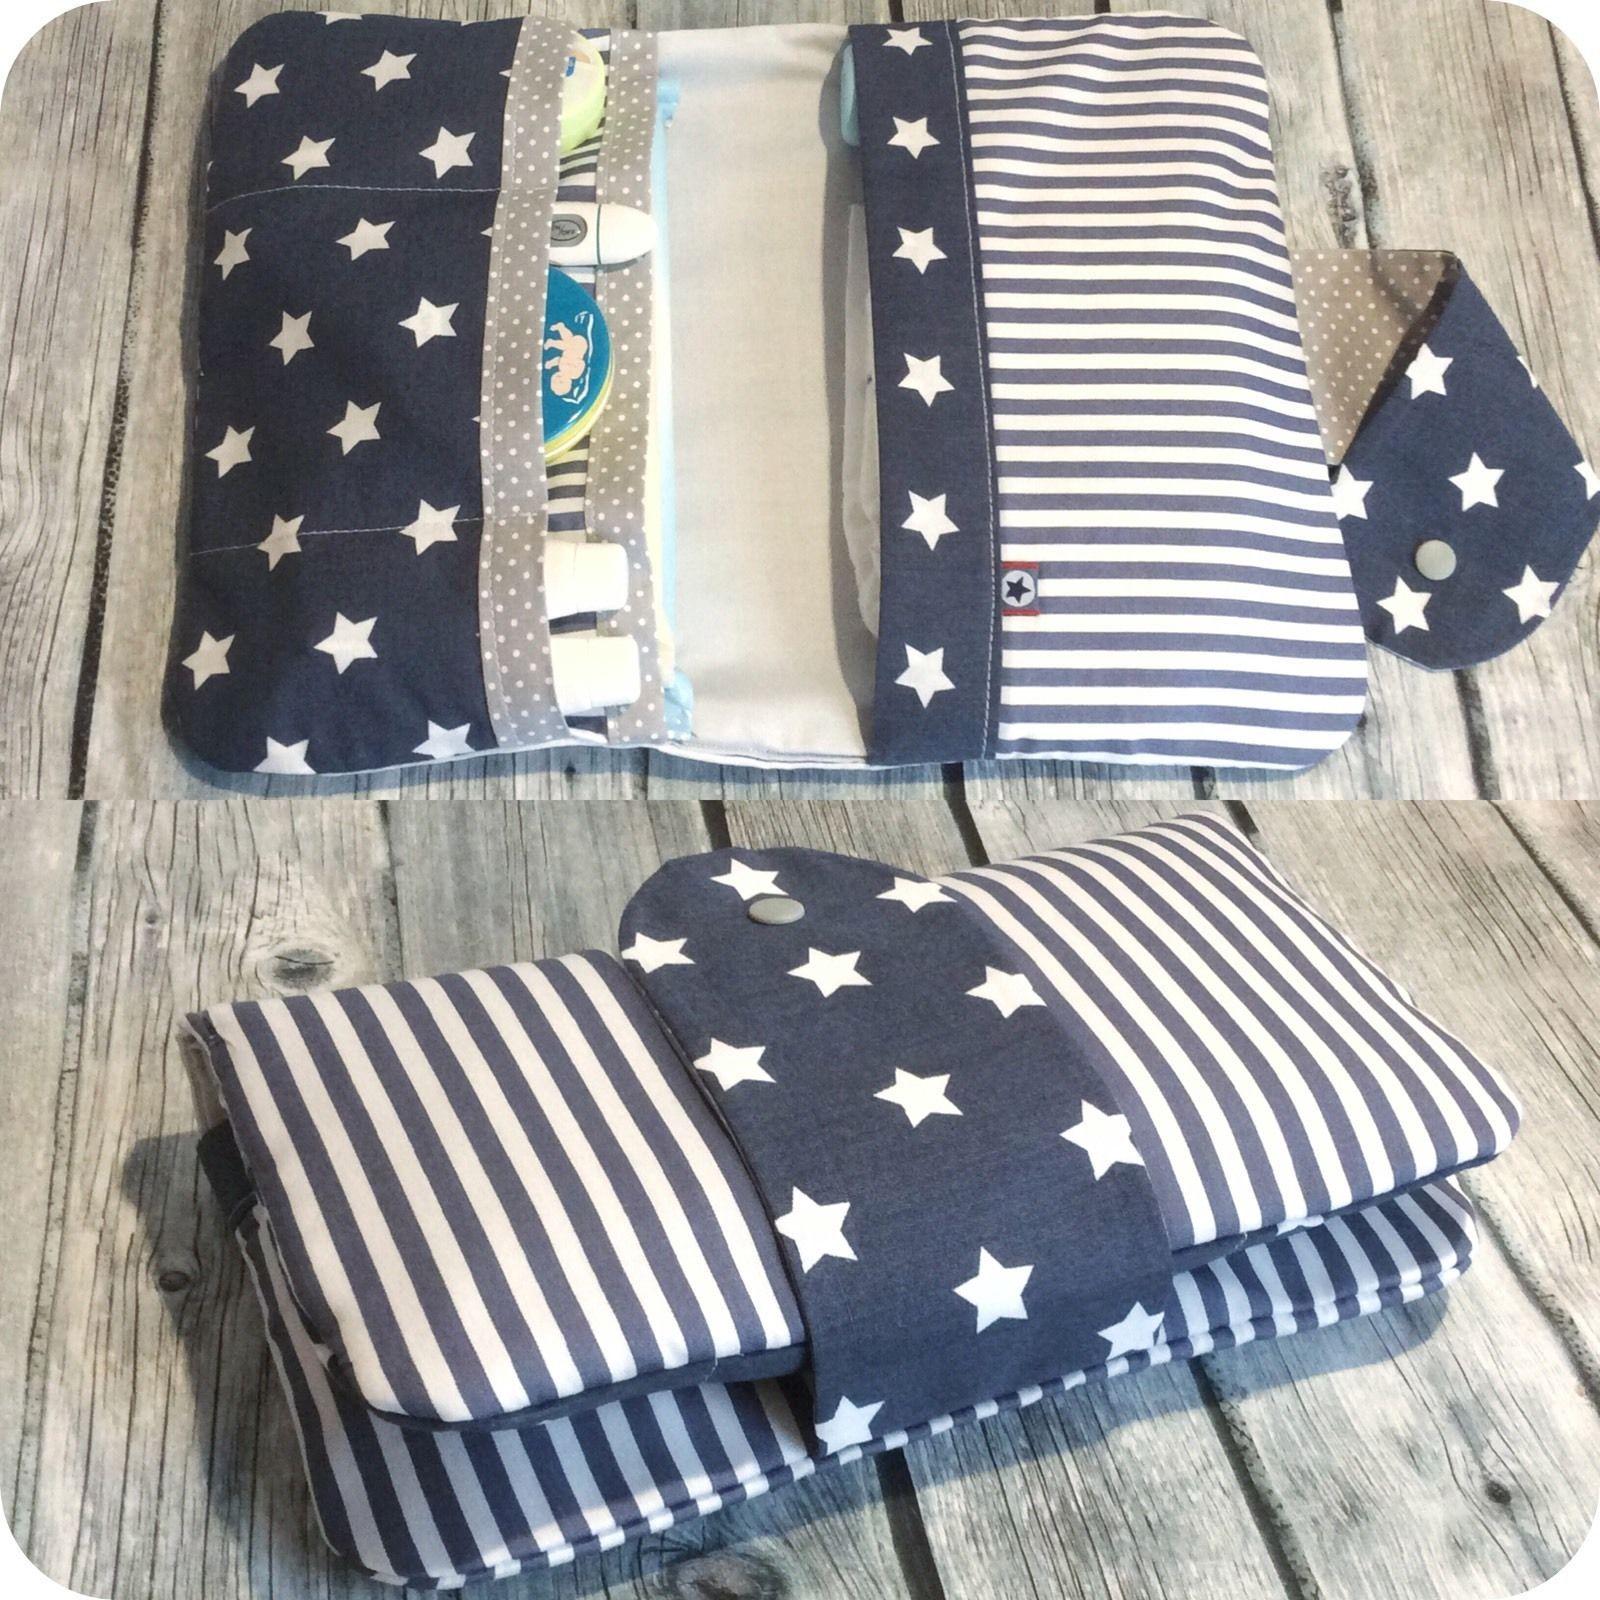 windeltasche sterne streifen wickeltasche unikat geschenk baby ebay sewing pinterest. Black Bedroom Furniture Sets. Home Design Ideas